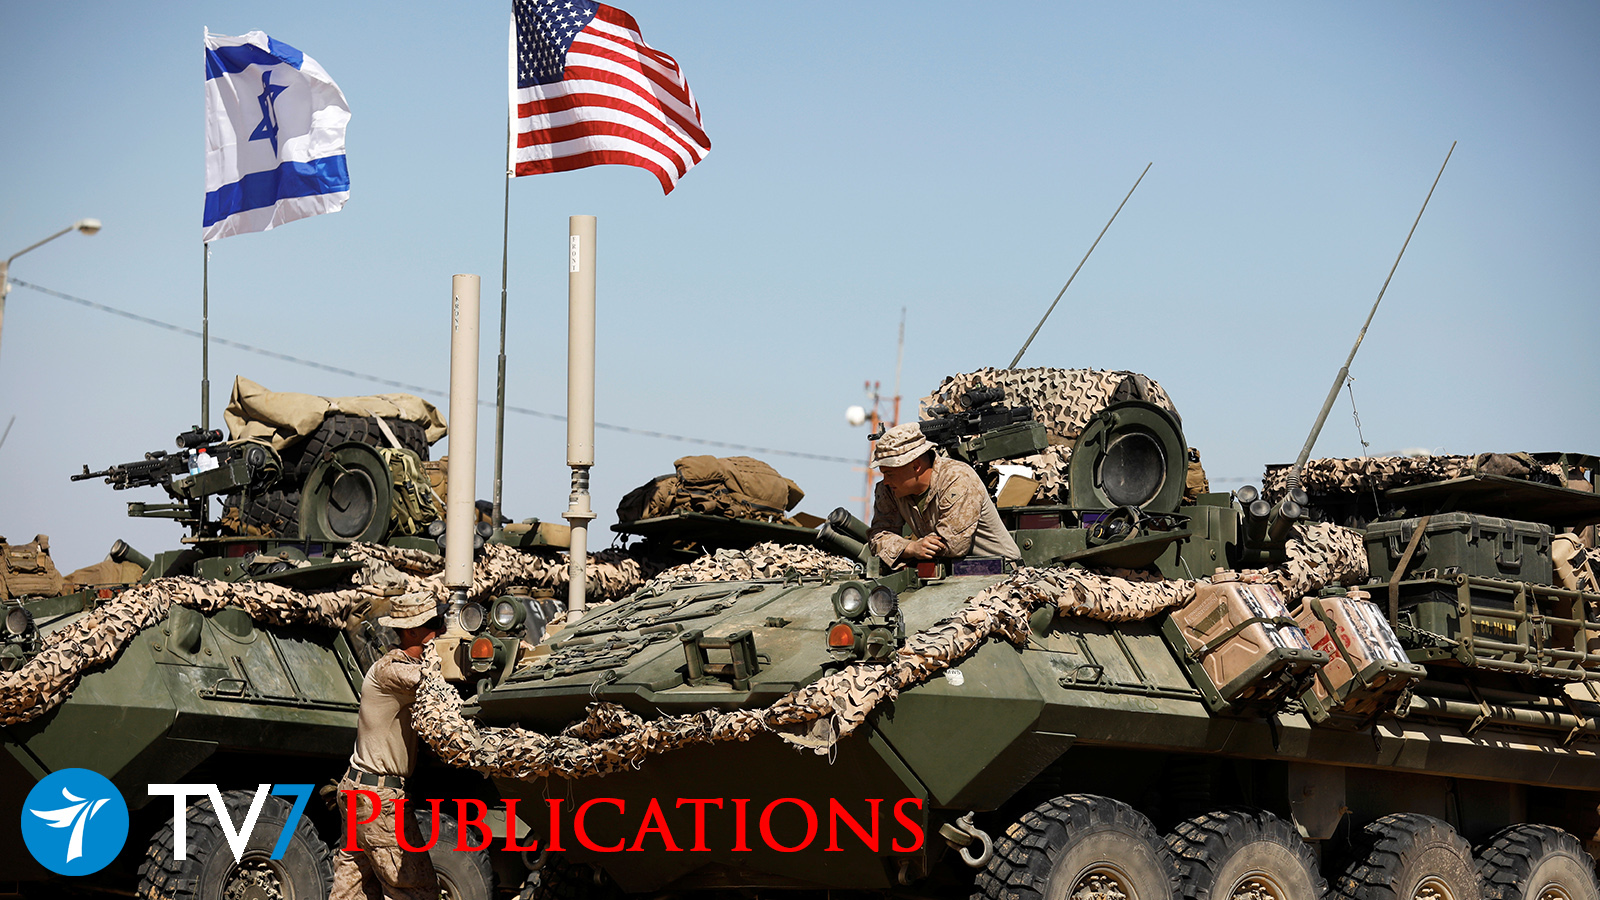 29.7_US-Israeli Defense Treaty